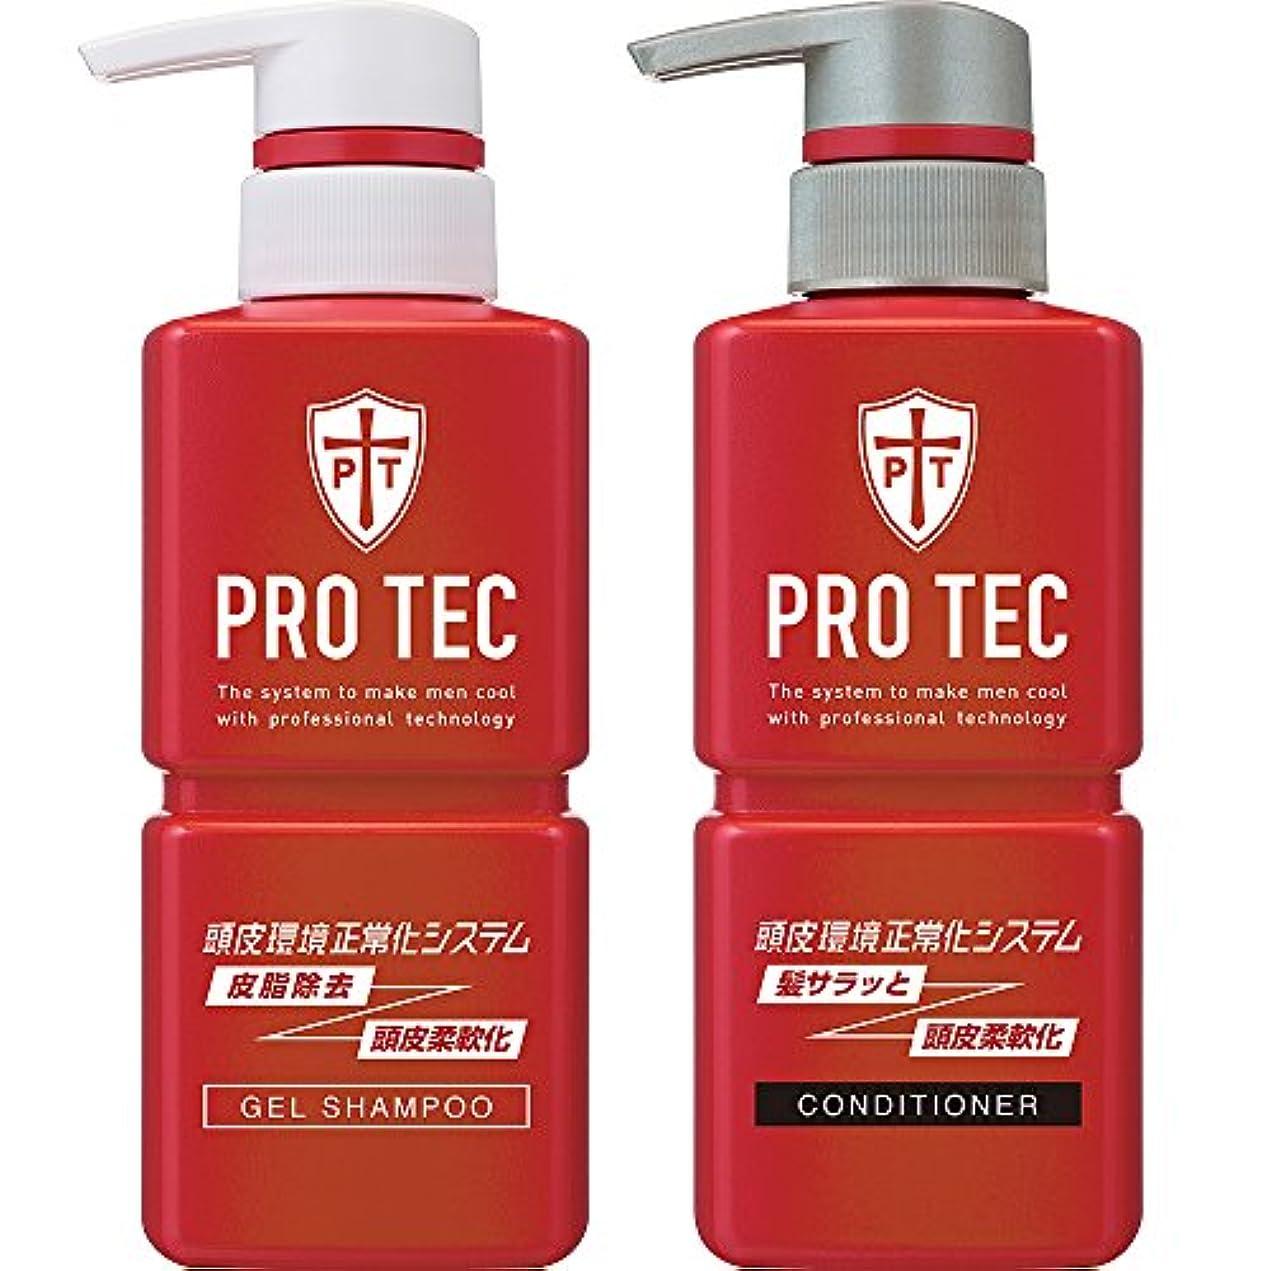 火山明確に許されるPRO TEC(プロテク) 頭皮ストレッチ シャンプー ポンプ 300g(医薬部外品)+ コンディショナー ポンプ 300g